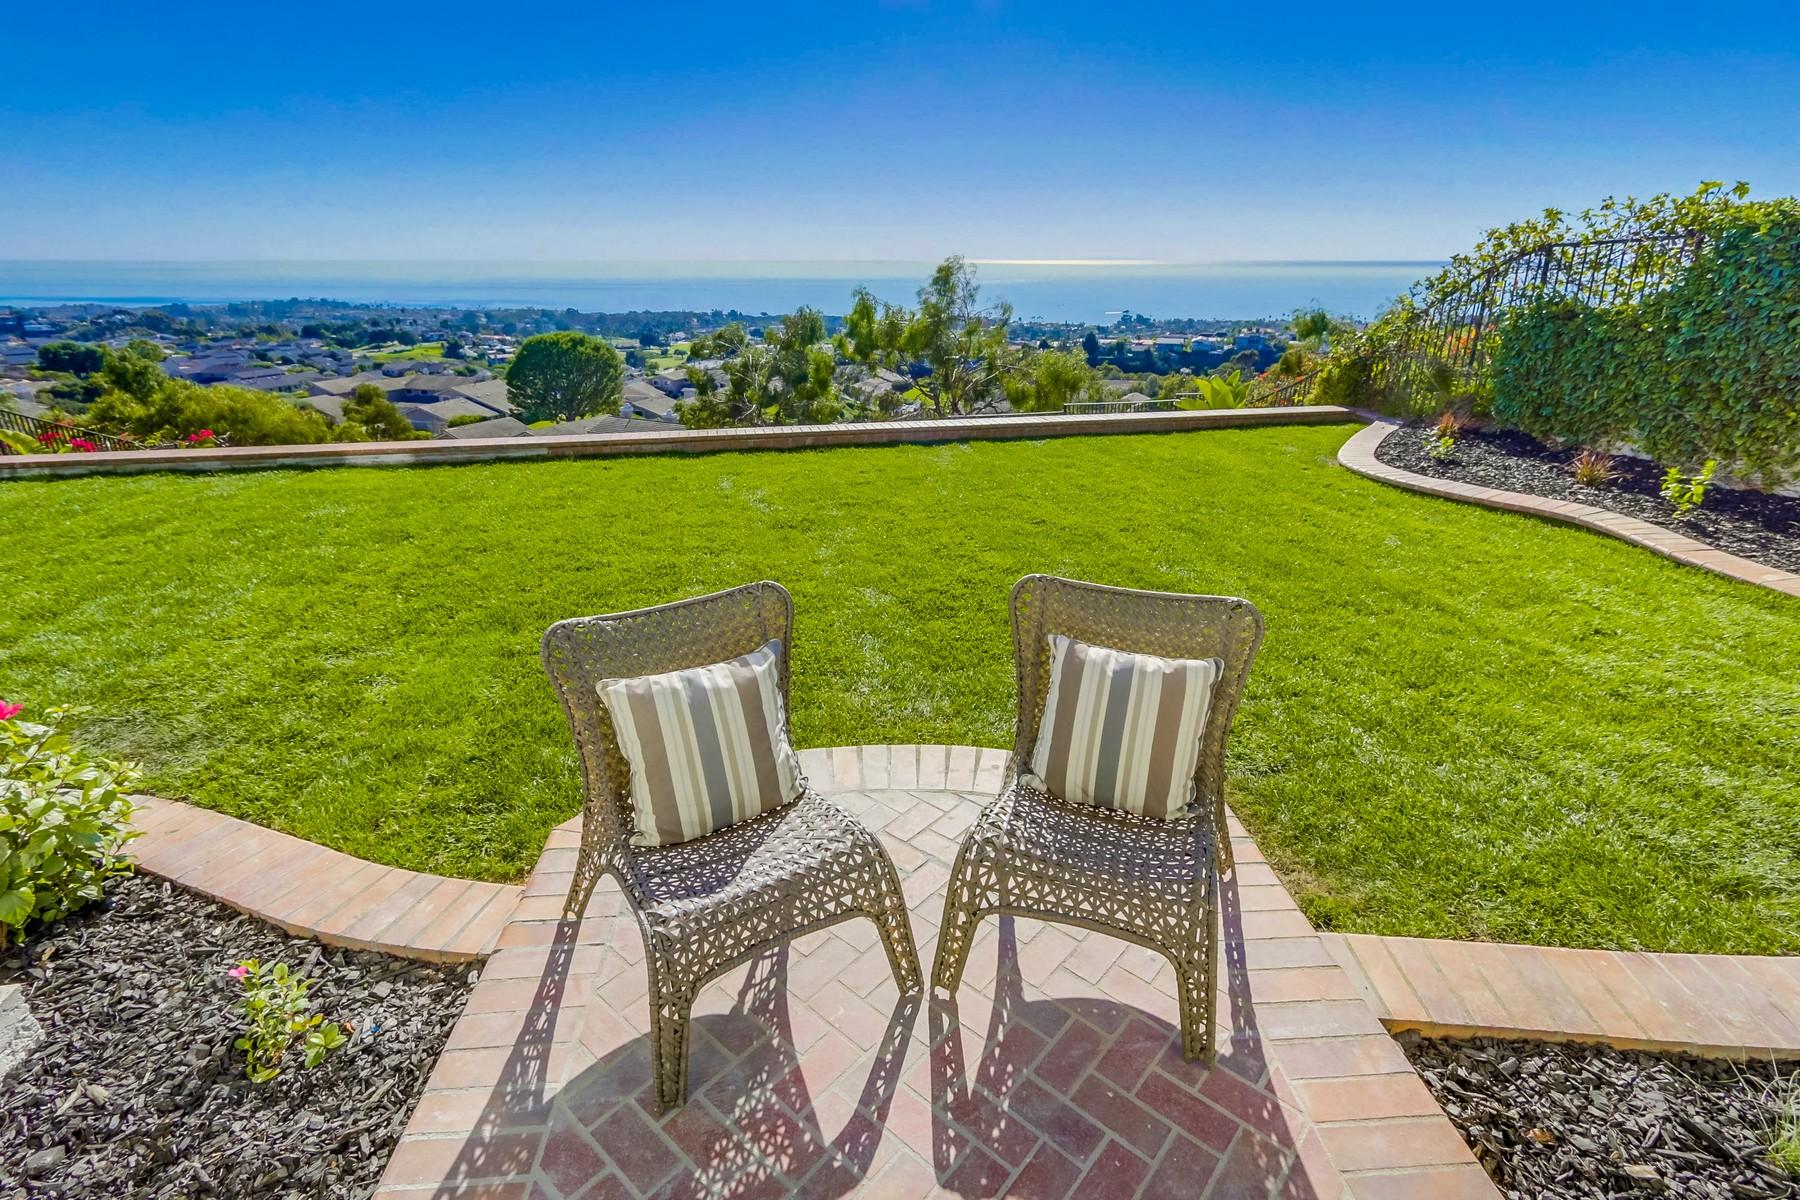 Single Family Home for Sale at 517 Avenida Del Verdor San Clemente, California 92672 United States